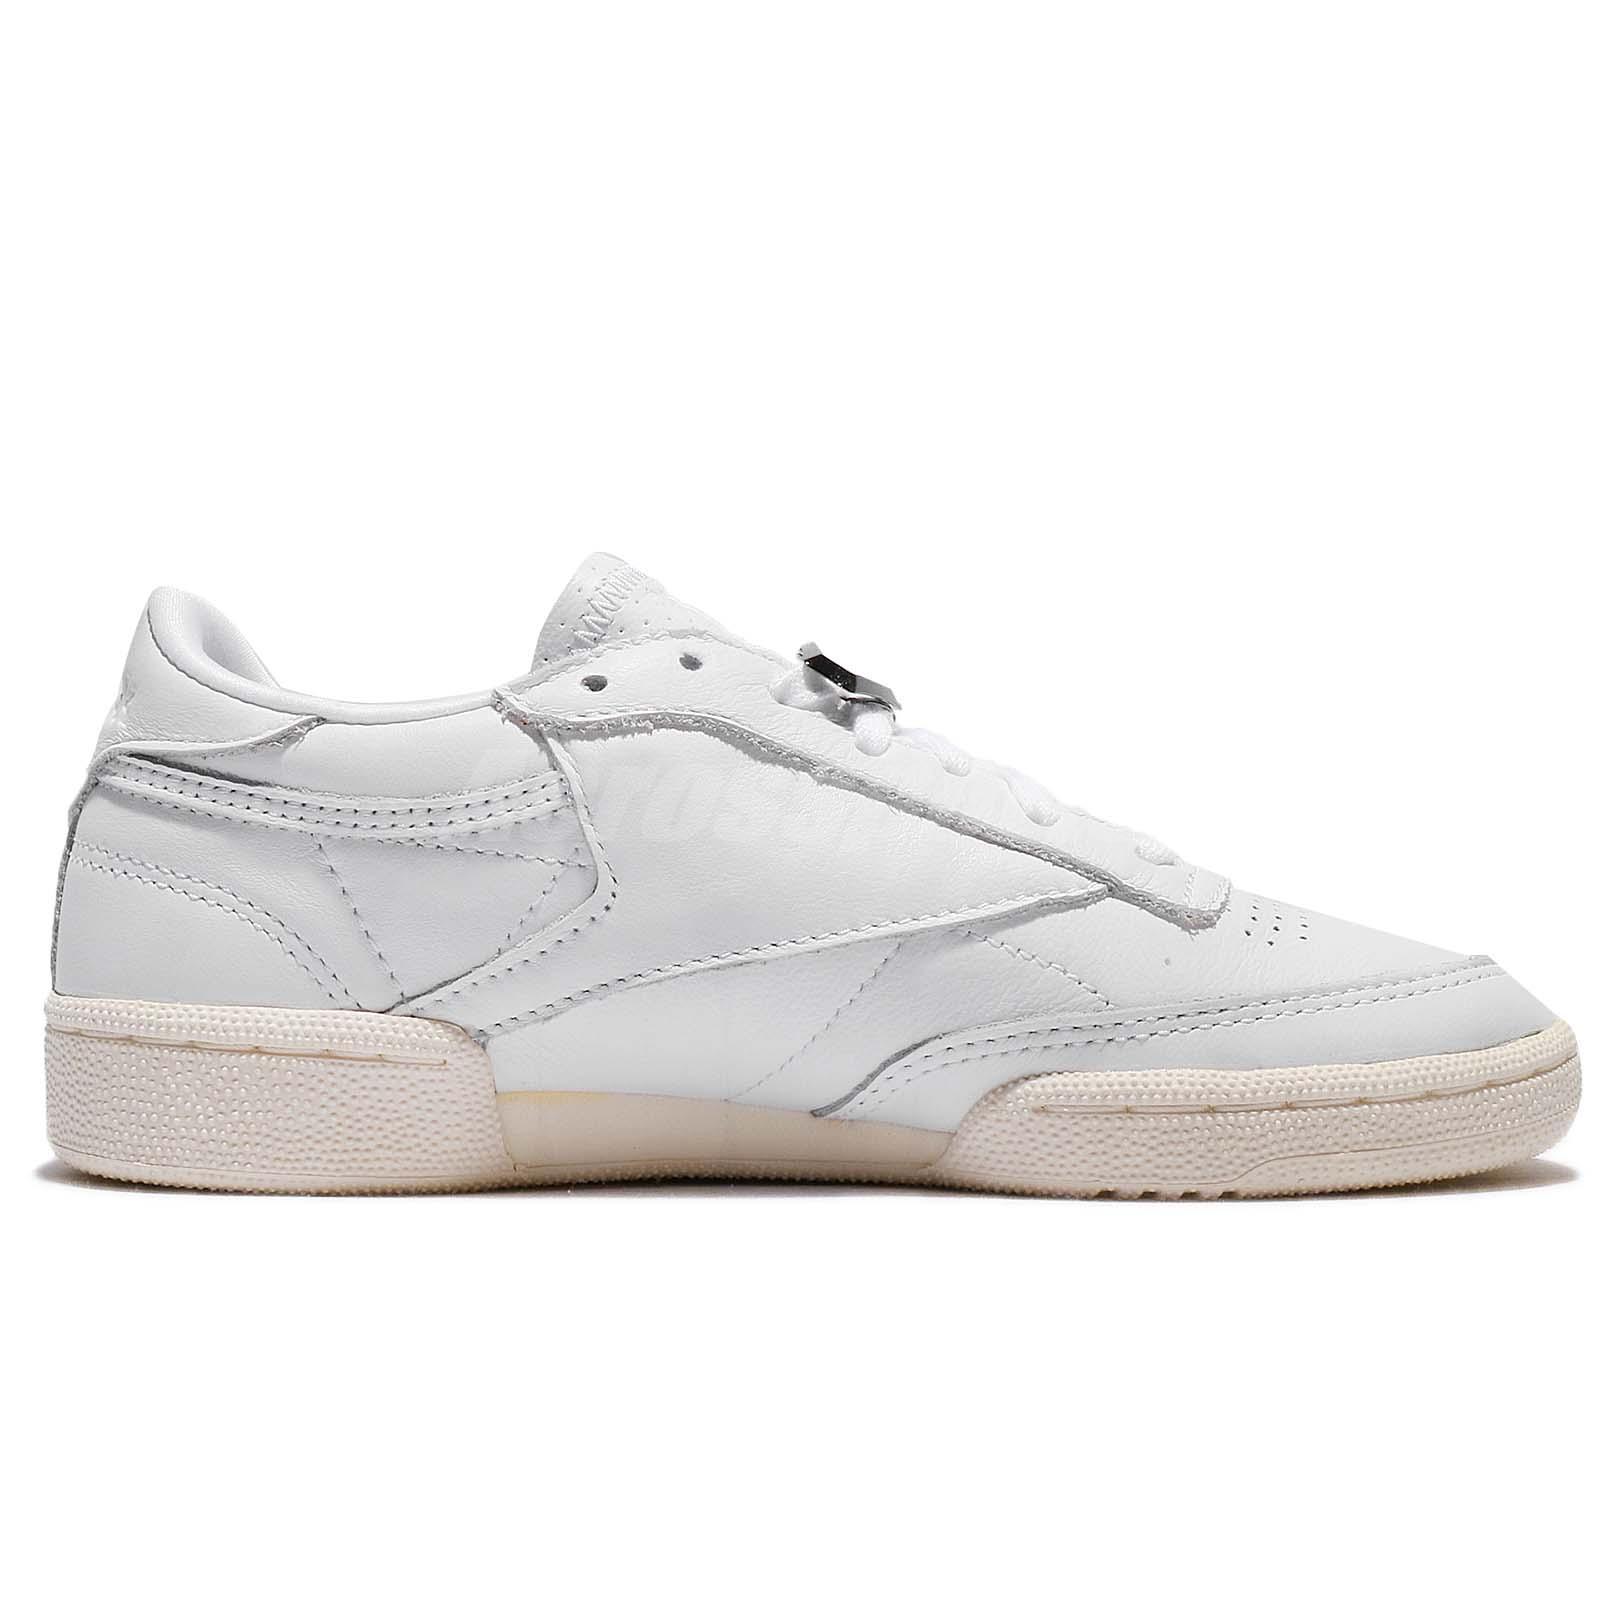 Bs9595 Chalk C Sur Sneakers White 85 Hardware Women Détails Shoes Reebok Club Trainers zMqSUVp